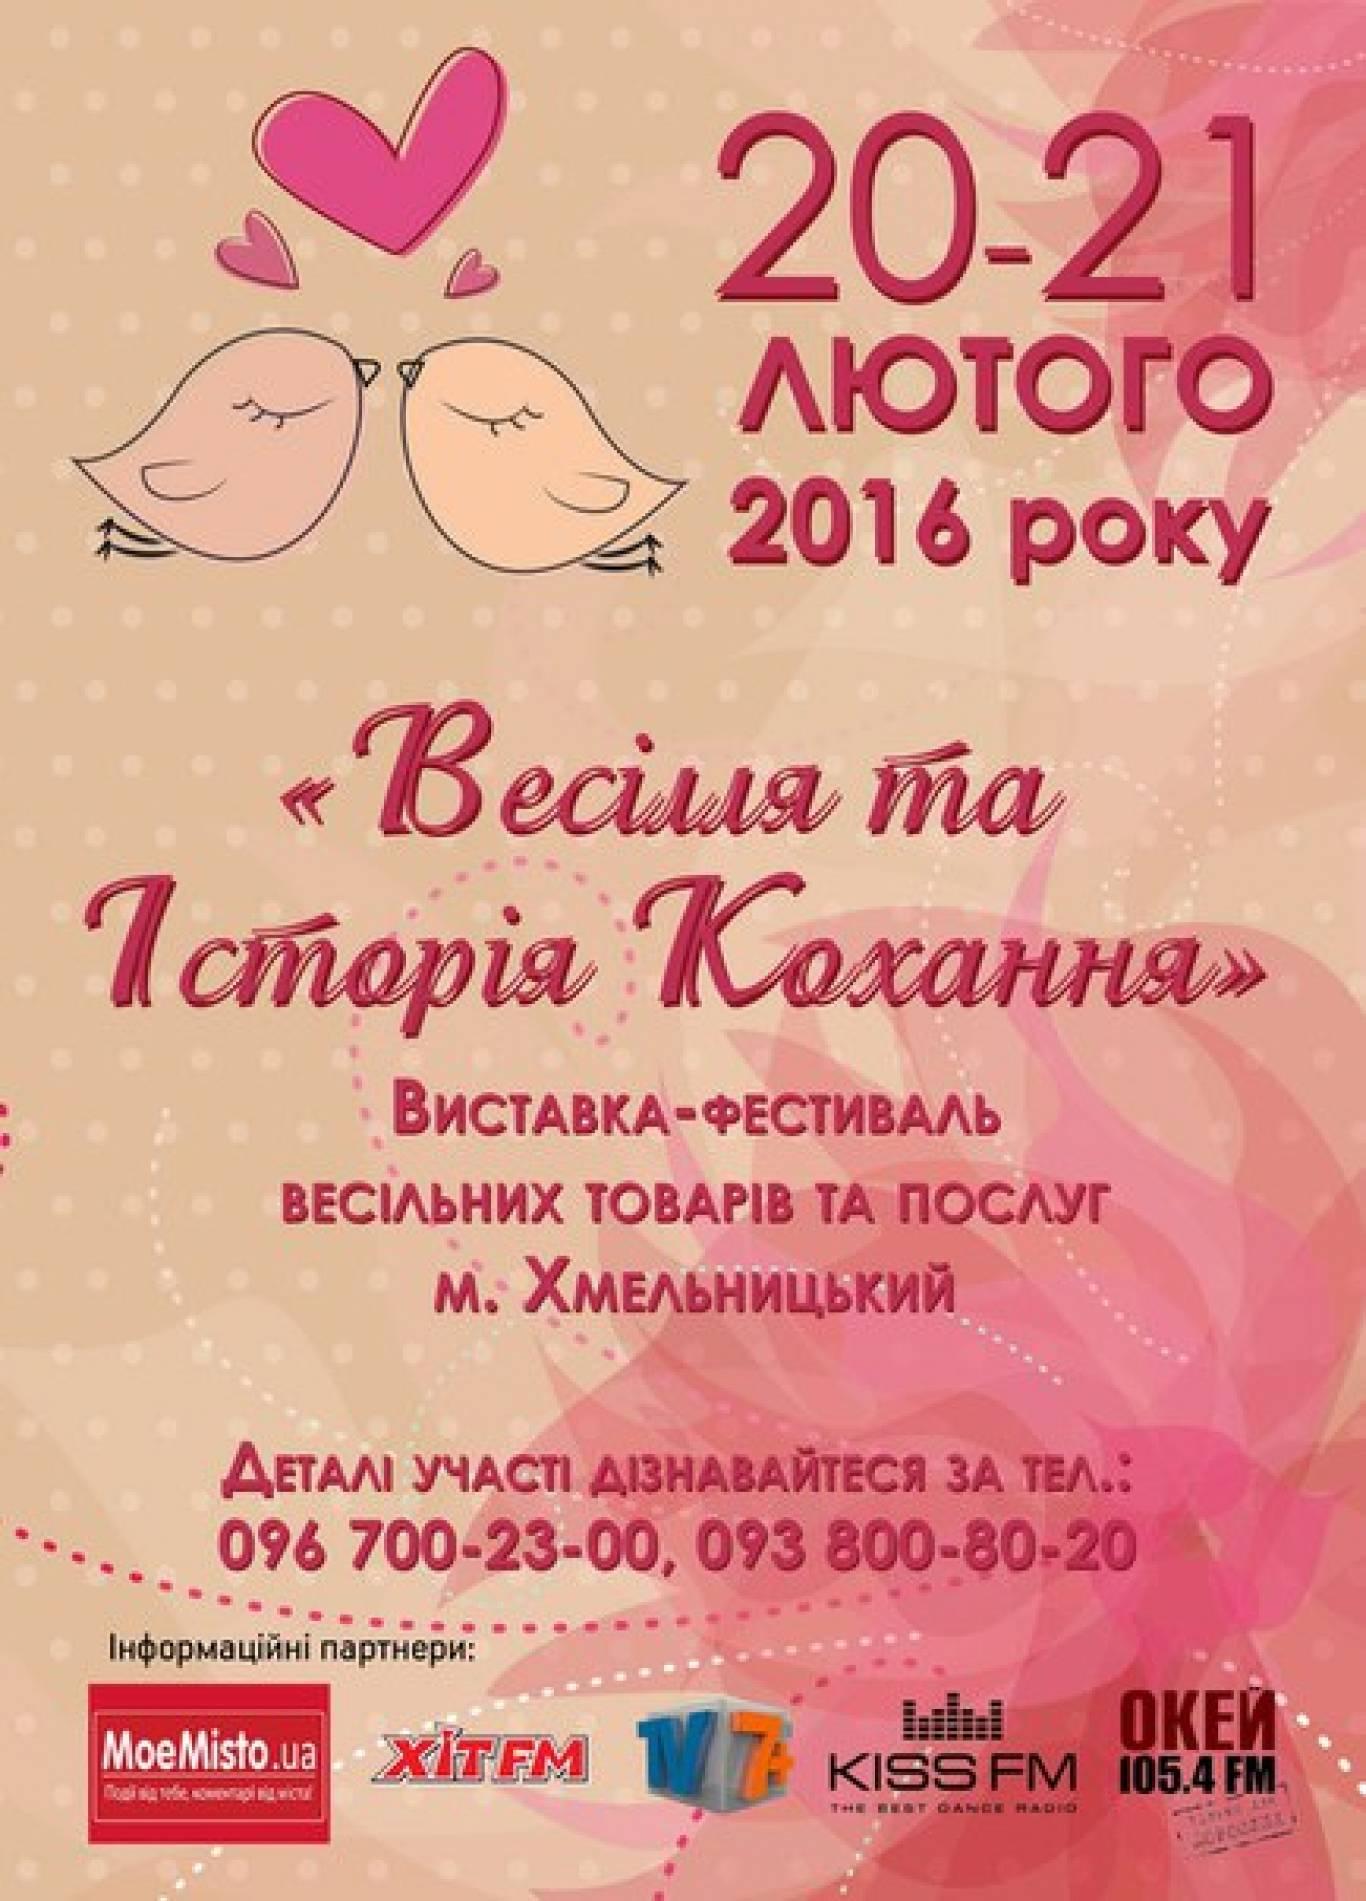 Виставка-фестиваль весільних товарів та послуг «Весілля та Історія Кохання»